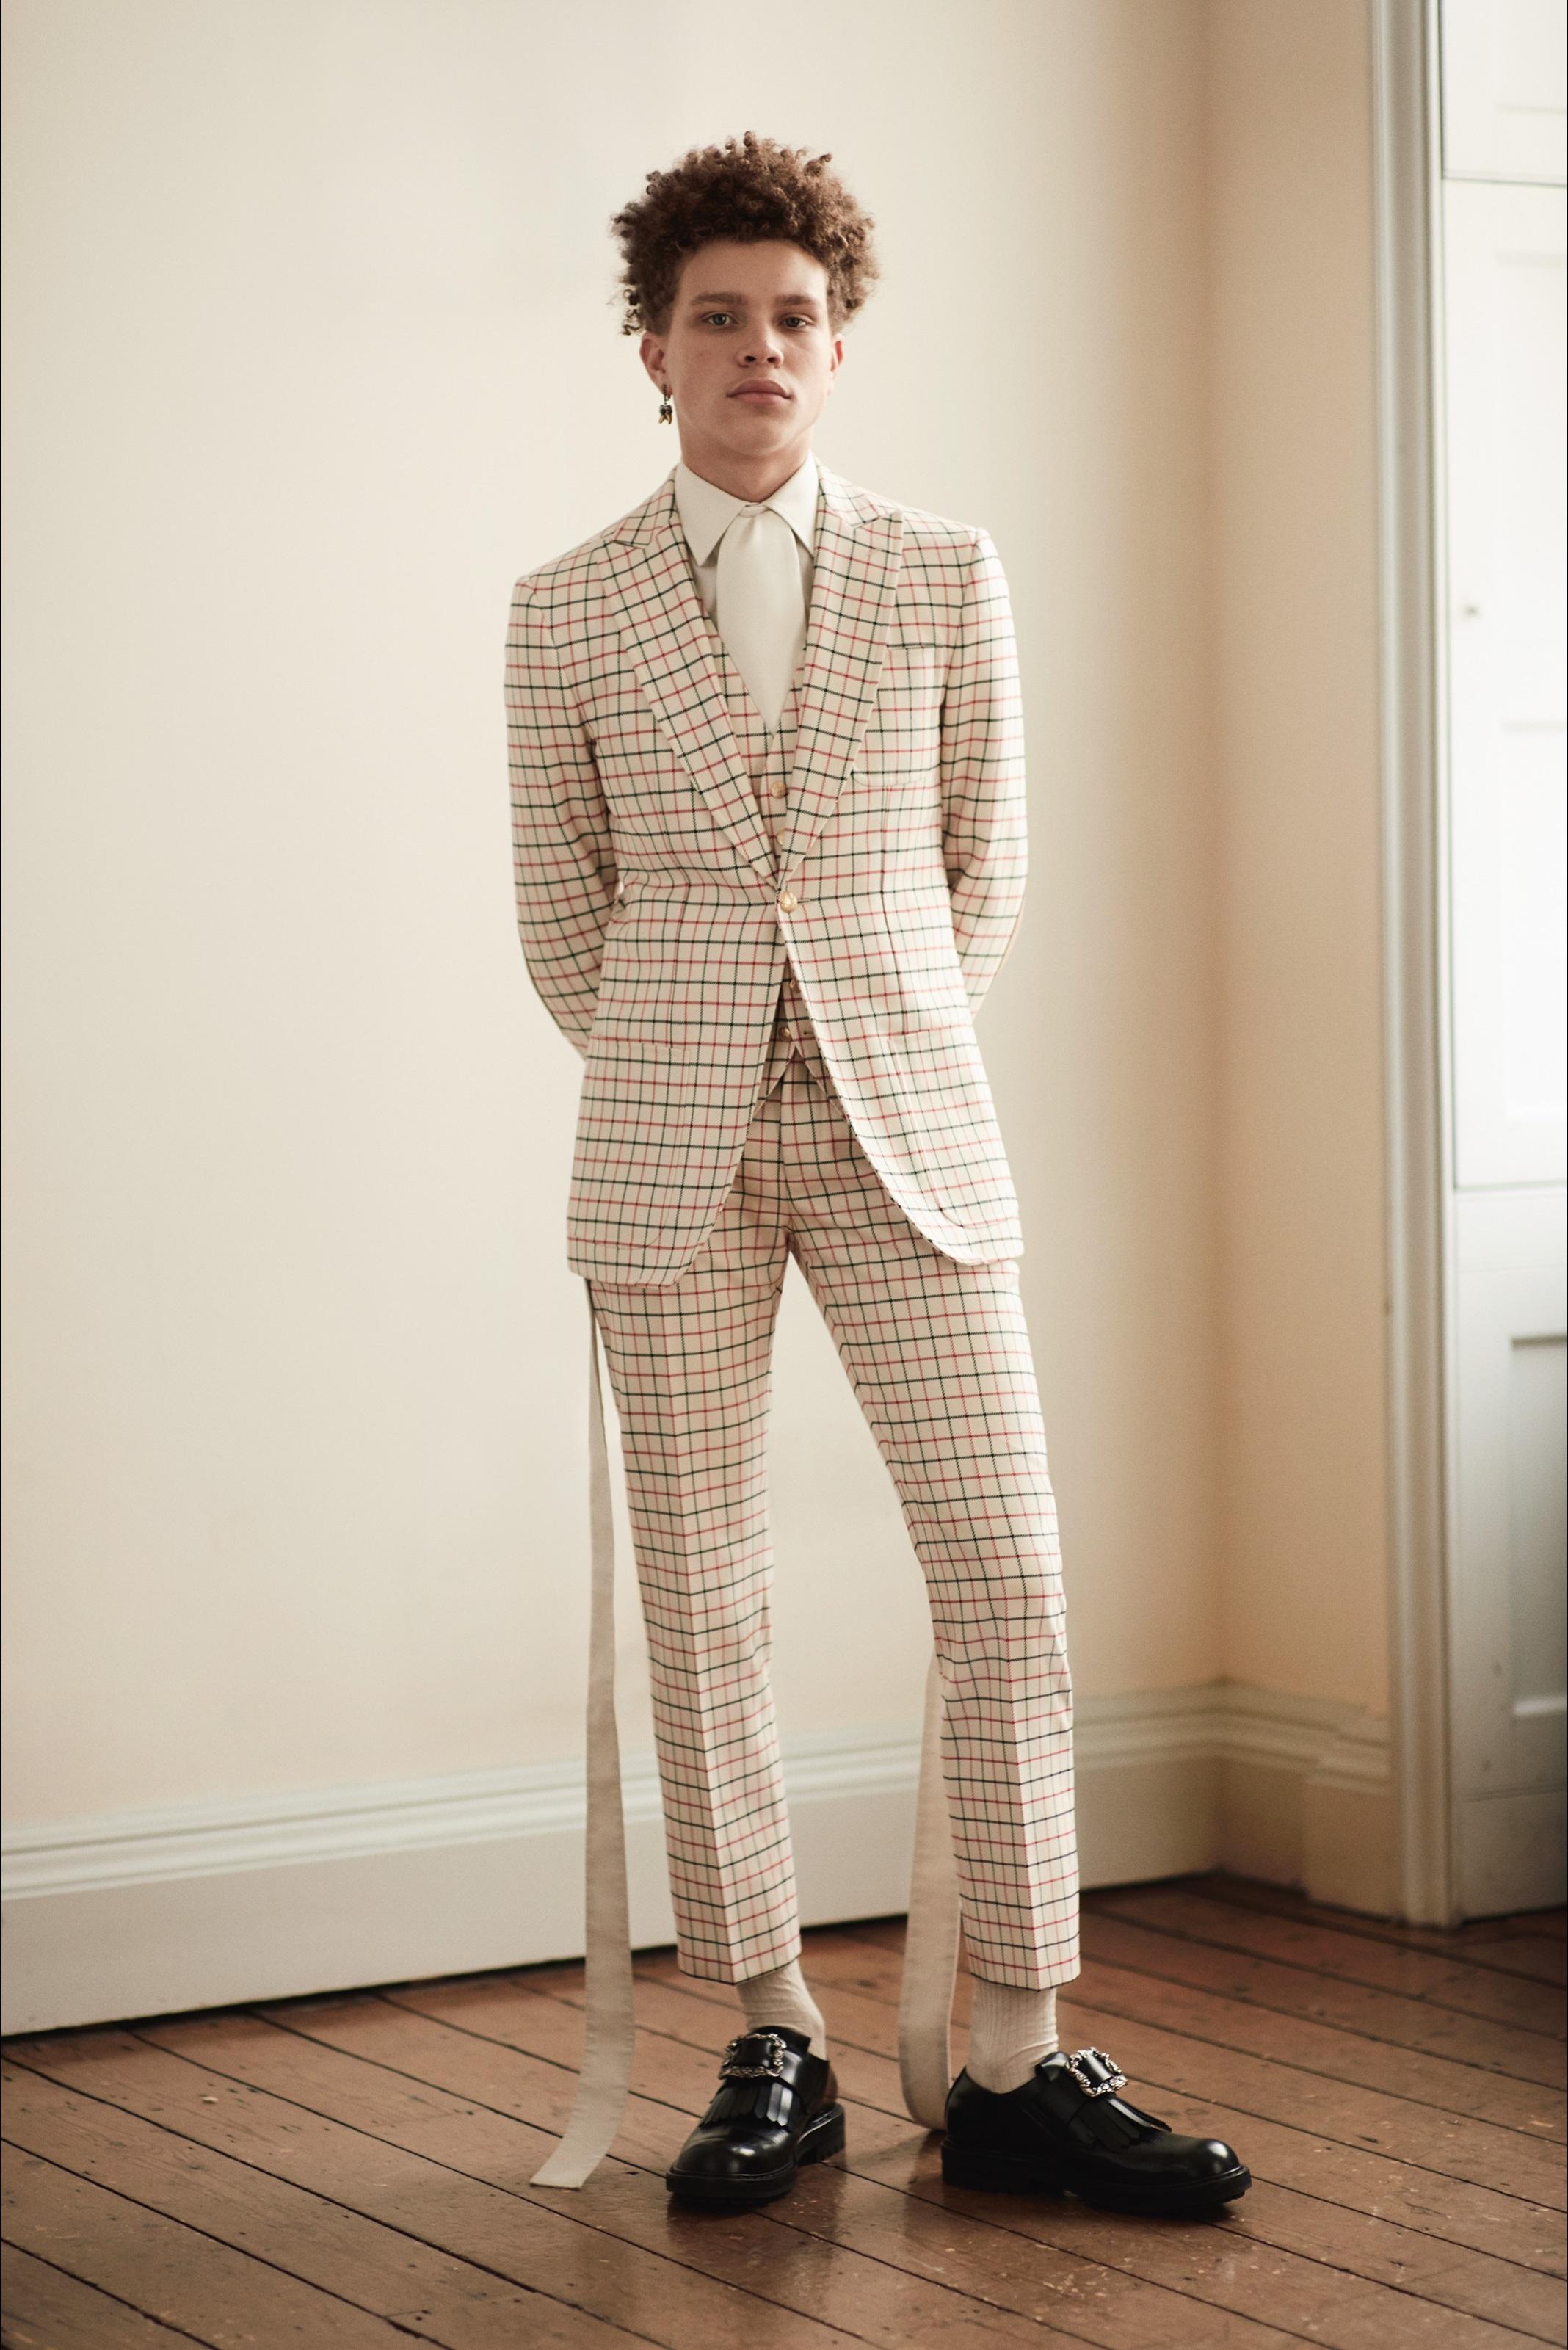 Le collezioni moda uomo, donna, bimbo, a Torino puoi scoprirle da Facit.